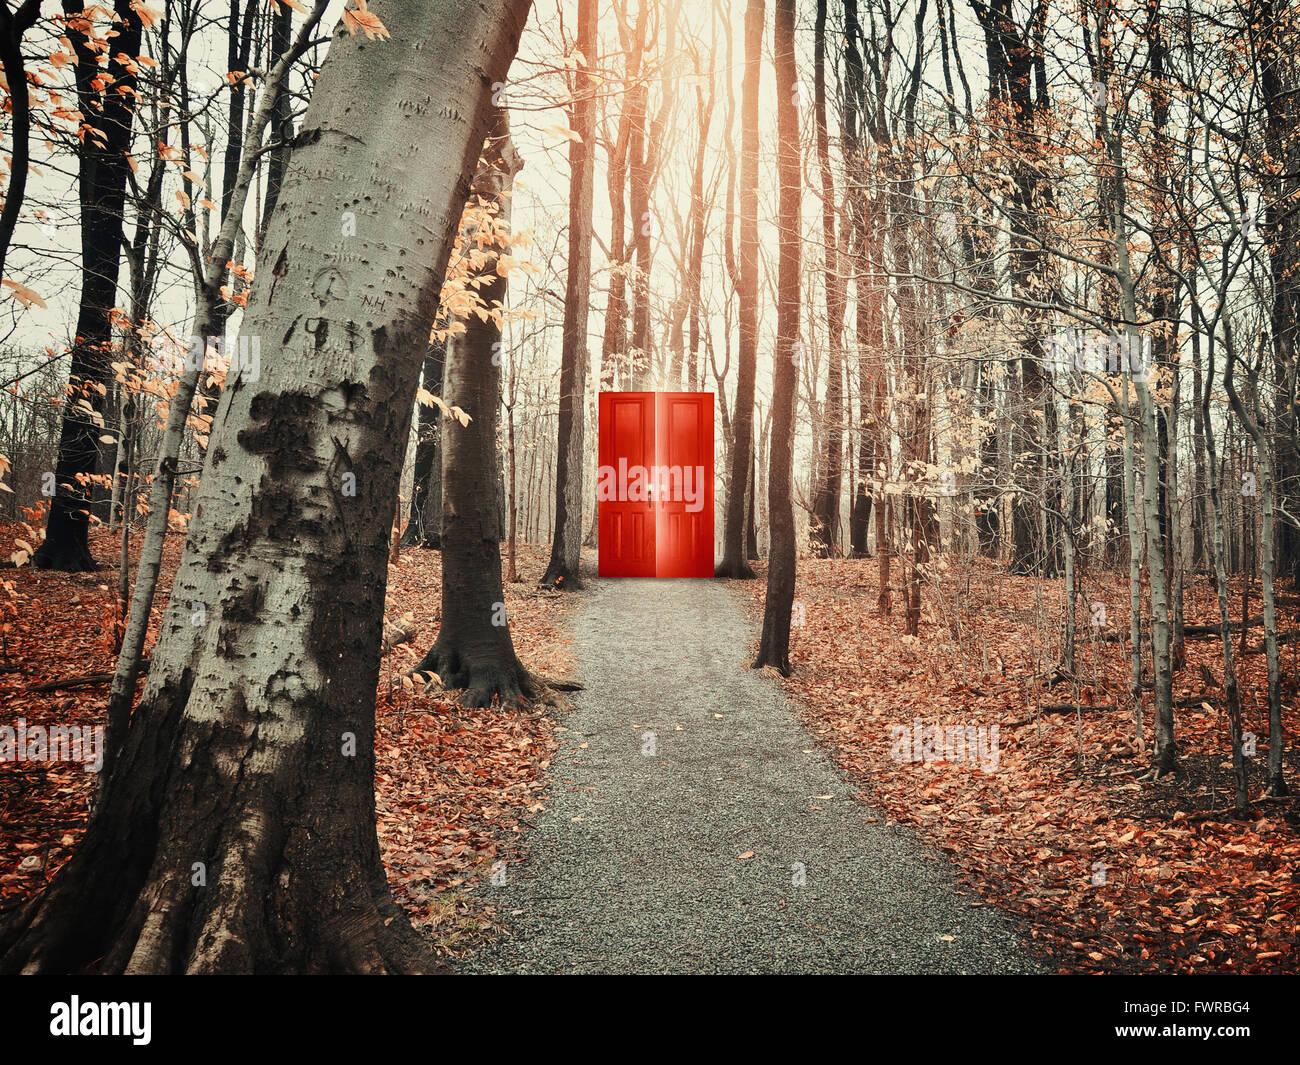 Vue d'un chemin rocailleux sentier dans la forêt de l'automne avec des lèvres d'un rouge incandescent Photo Stock